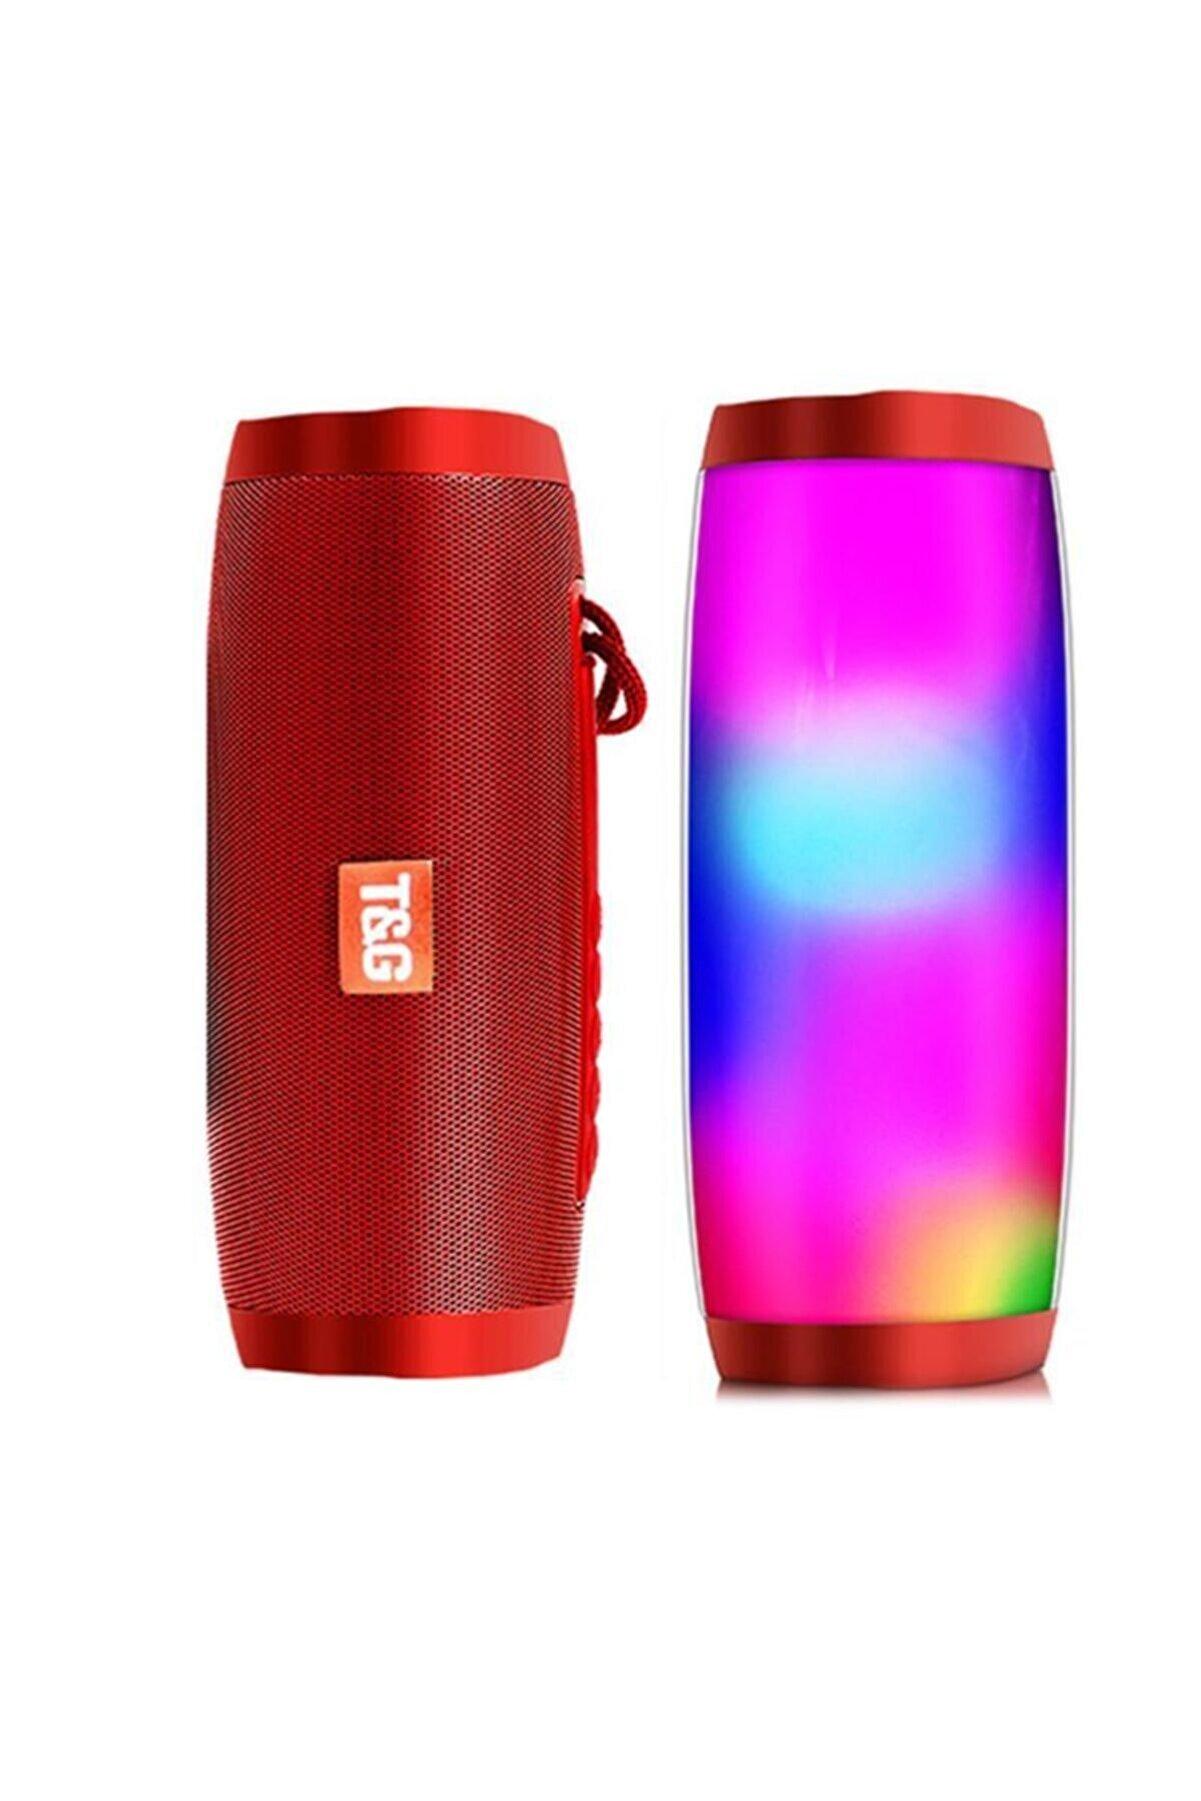 T G 157 Su Geçirmez Kablosuz Wireless Bluetooth 5.0 Hoparlör Speaker